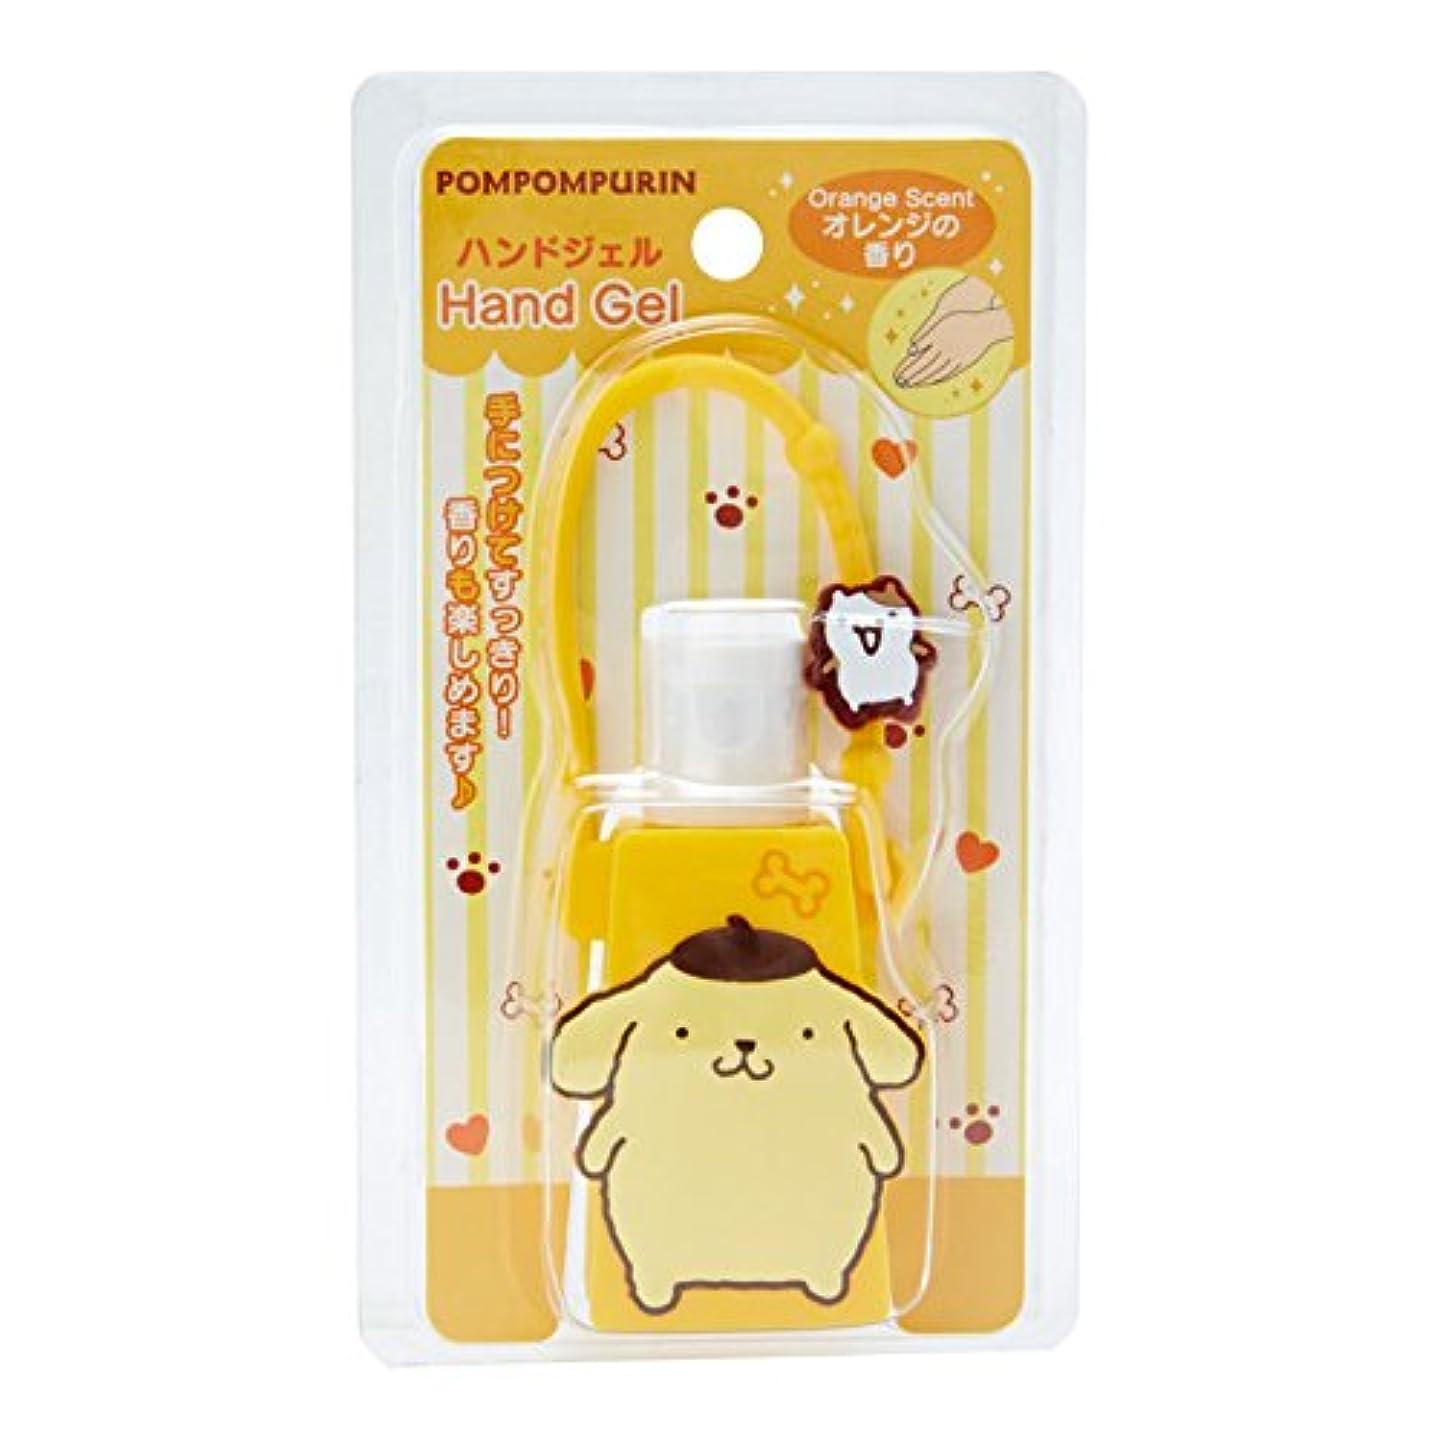 工場落胆させる秋ポムポムプリン 携帯ハンドジェル(オレンジの香り)